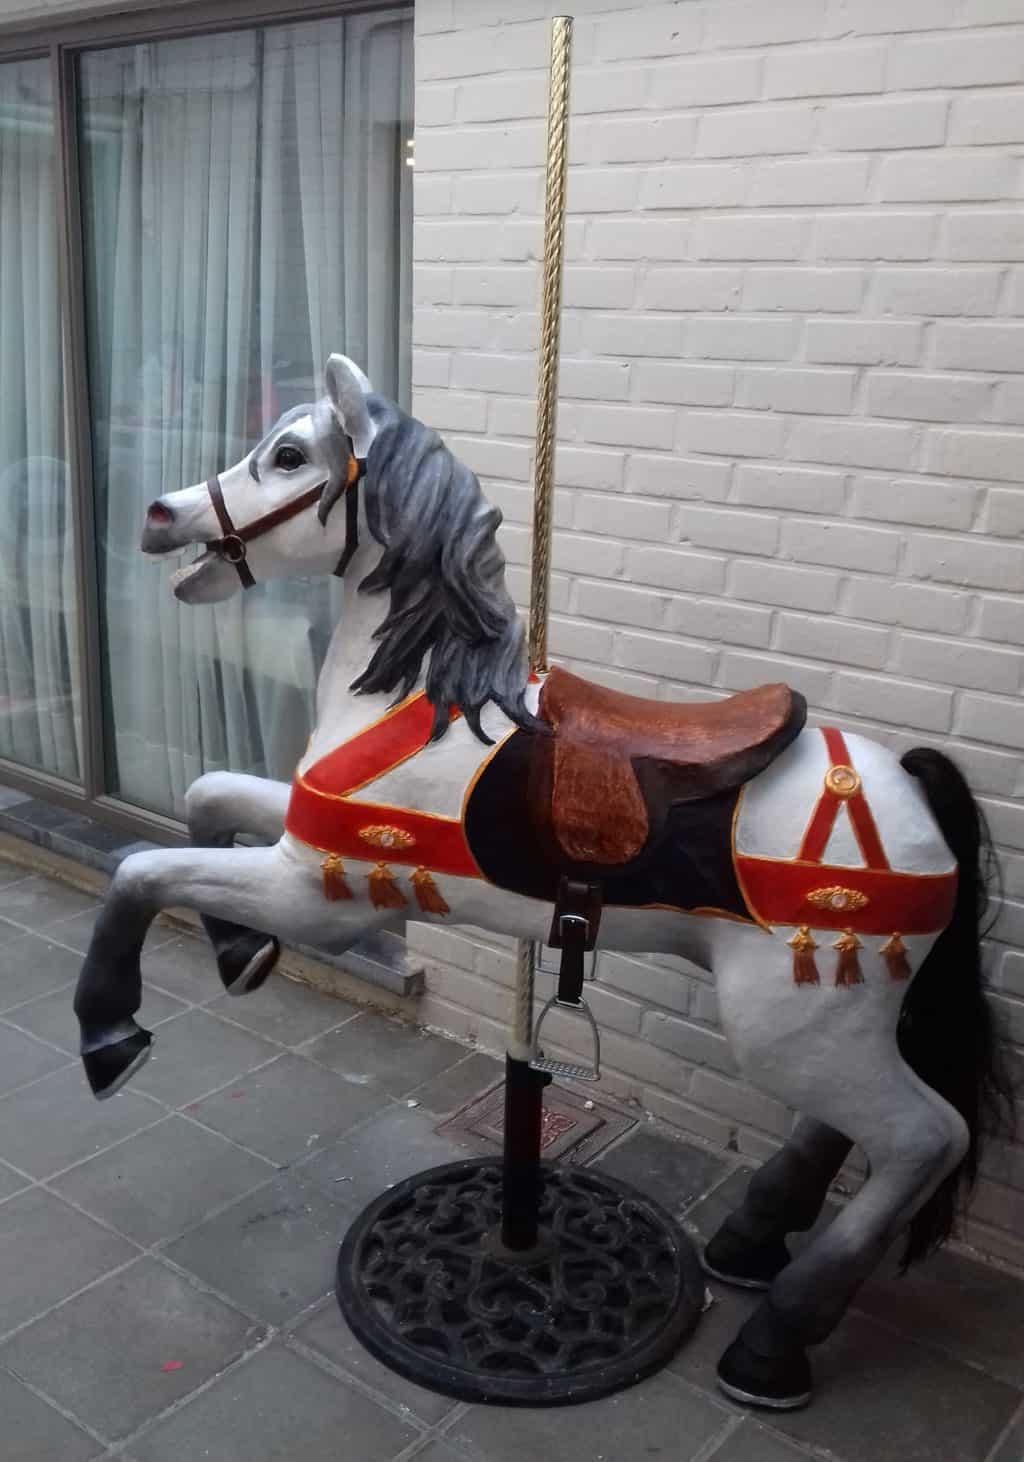 Carousel horse side